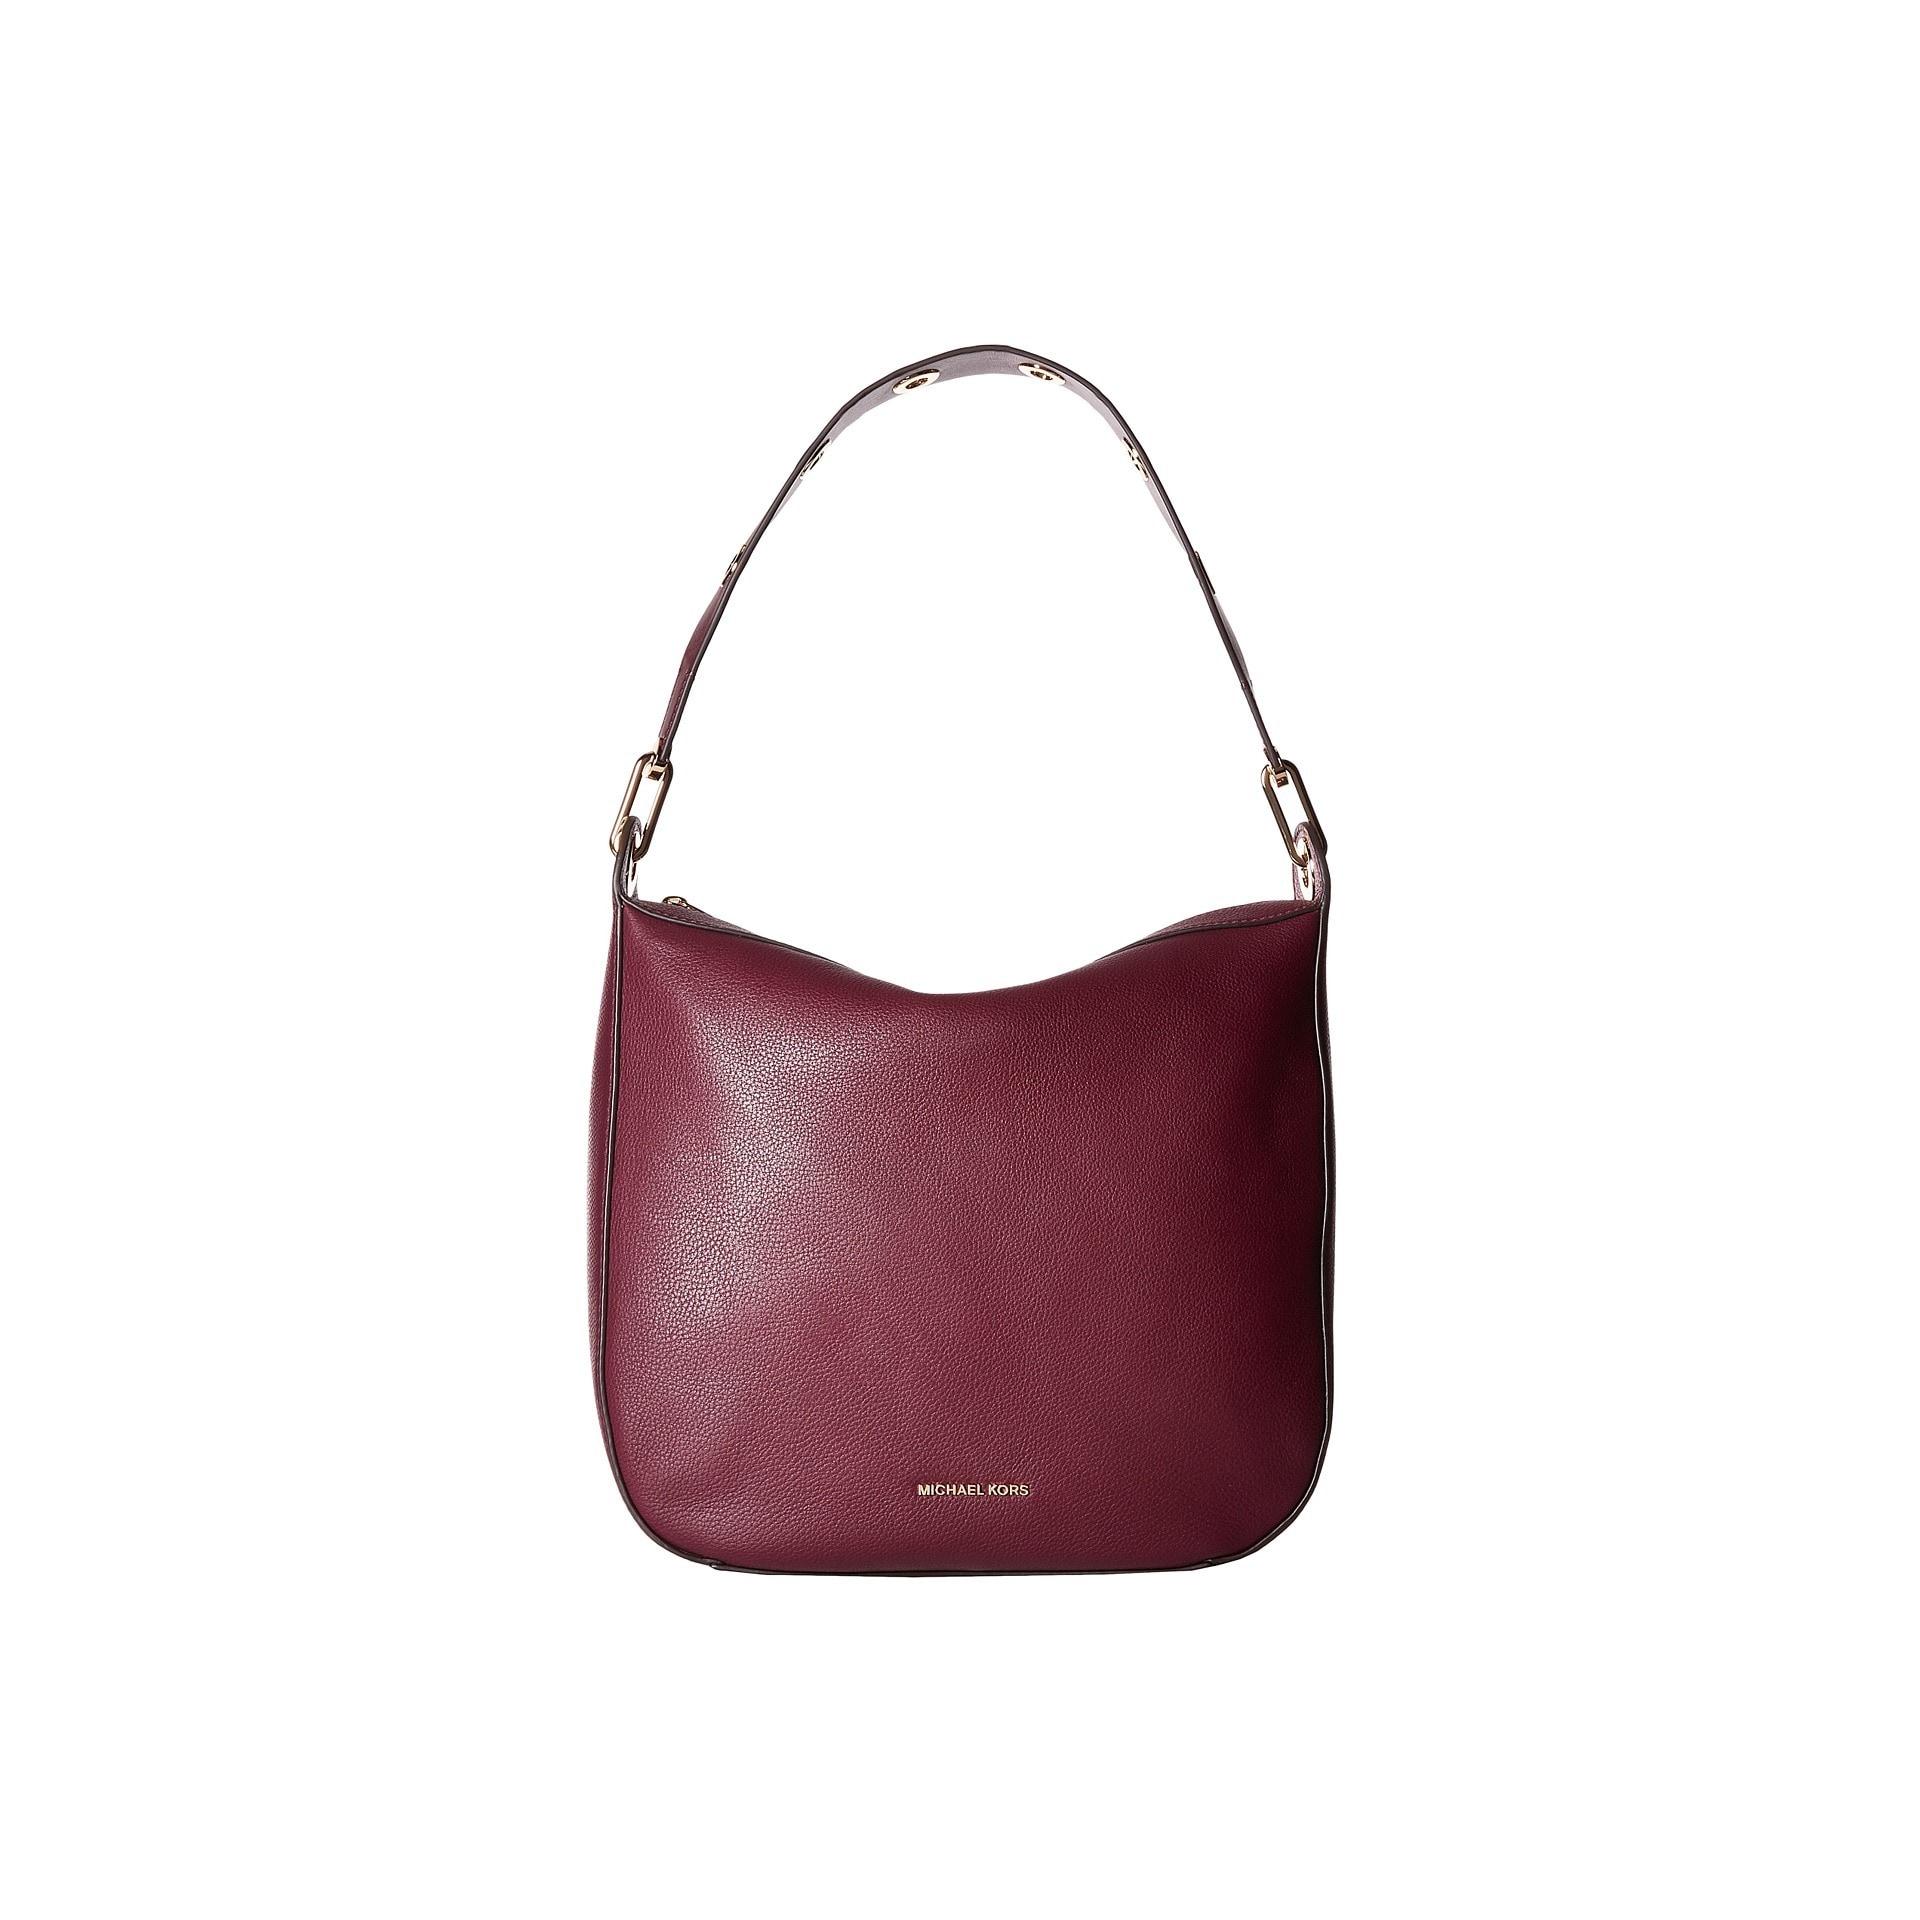 685afc51230d0 Shop Michael Kors Women s Raven Large Plum Leather Shoulder Handbag ...